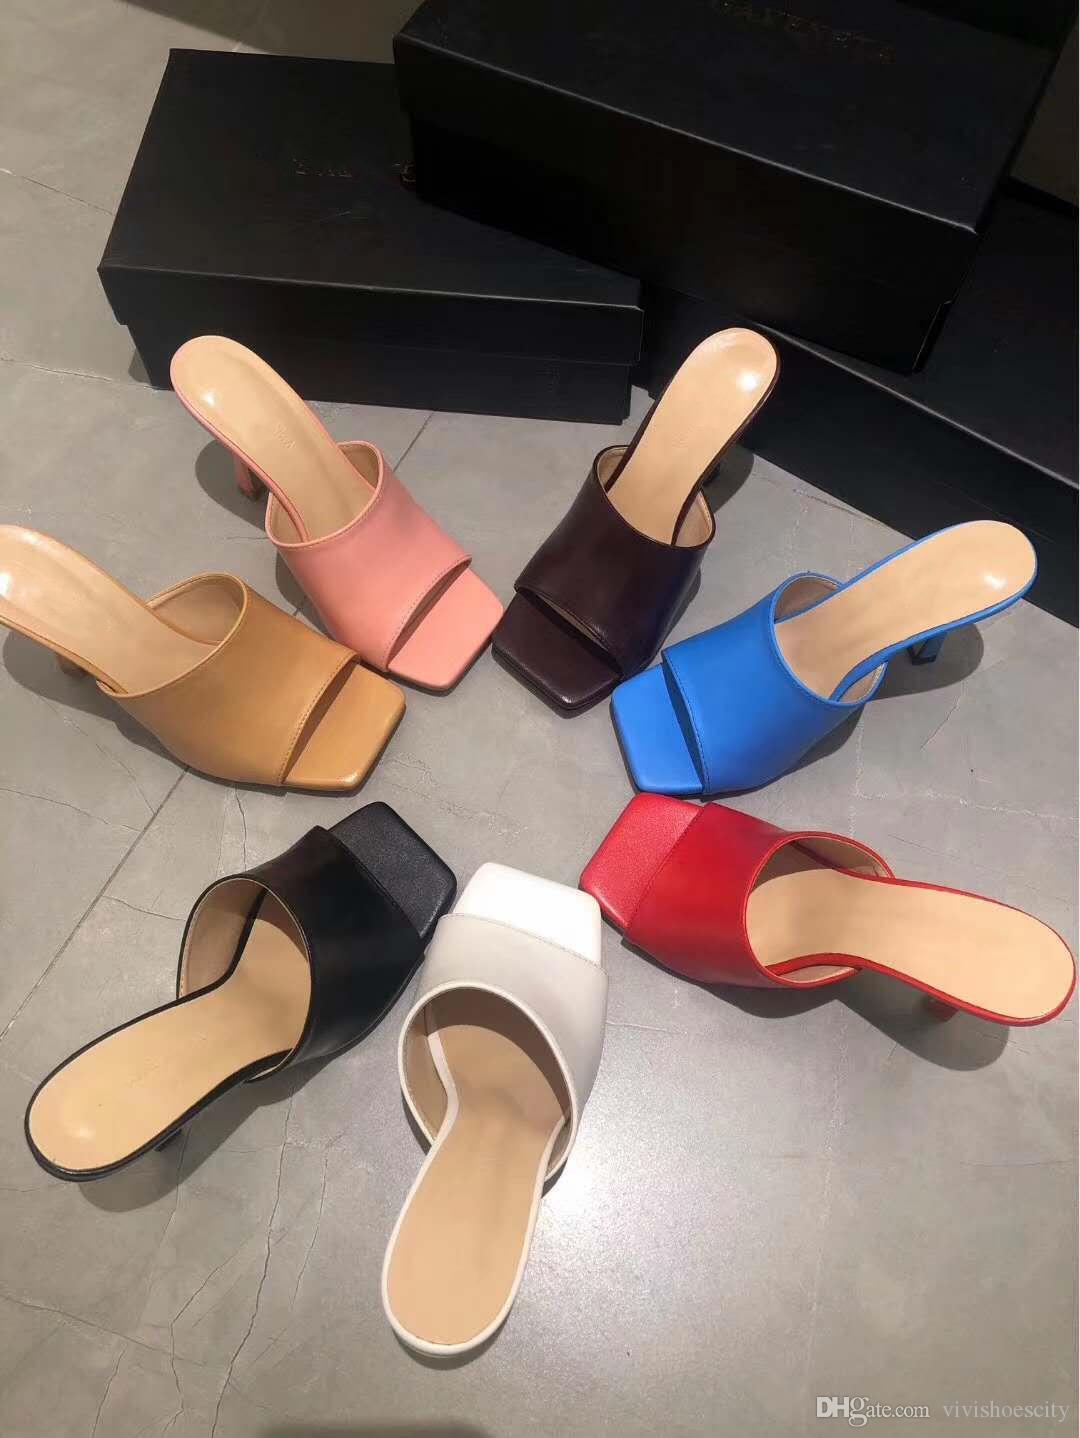 kutu seksiliğin ile hakiki deri mavi kırmızı streç sandal 41'e yegane katır kökenli paket büyüklüğü 35 kare